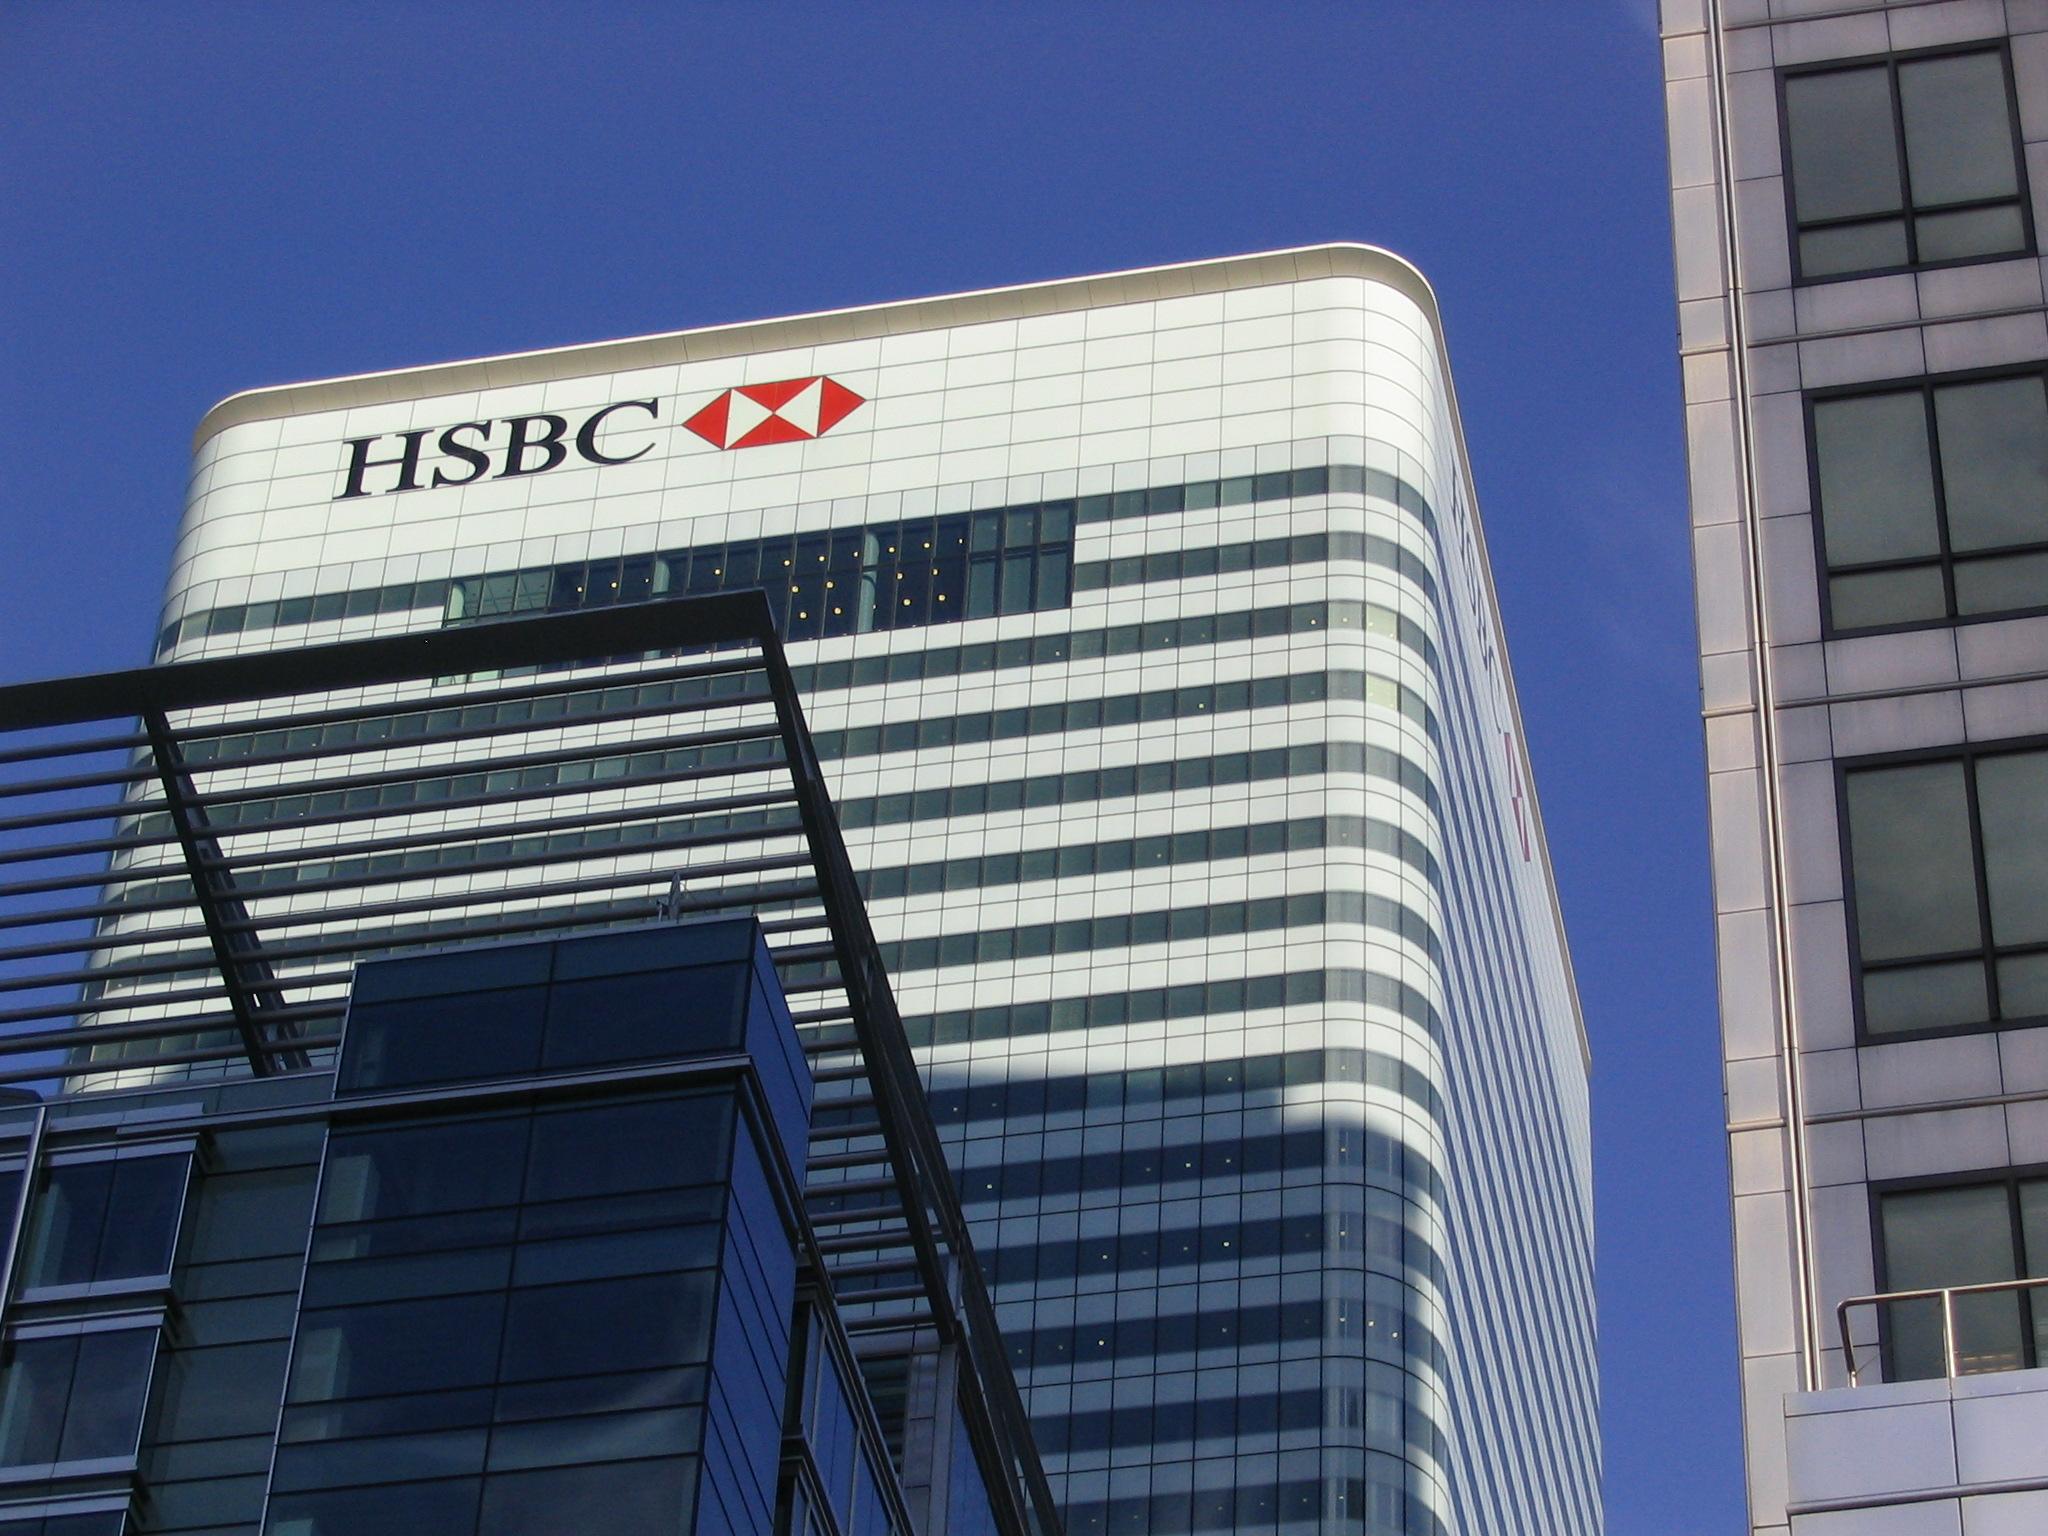 Canary_Wharf_HSBC_3.jpg